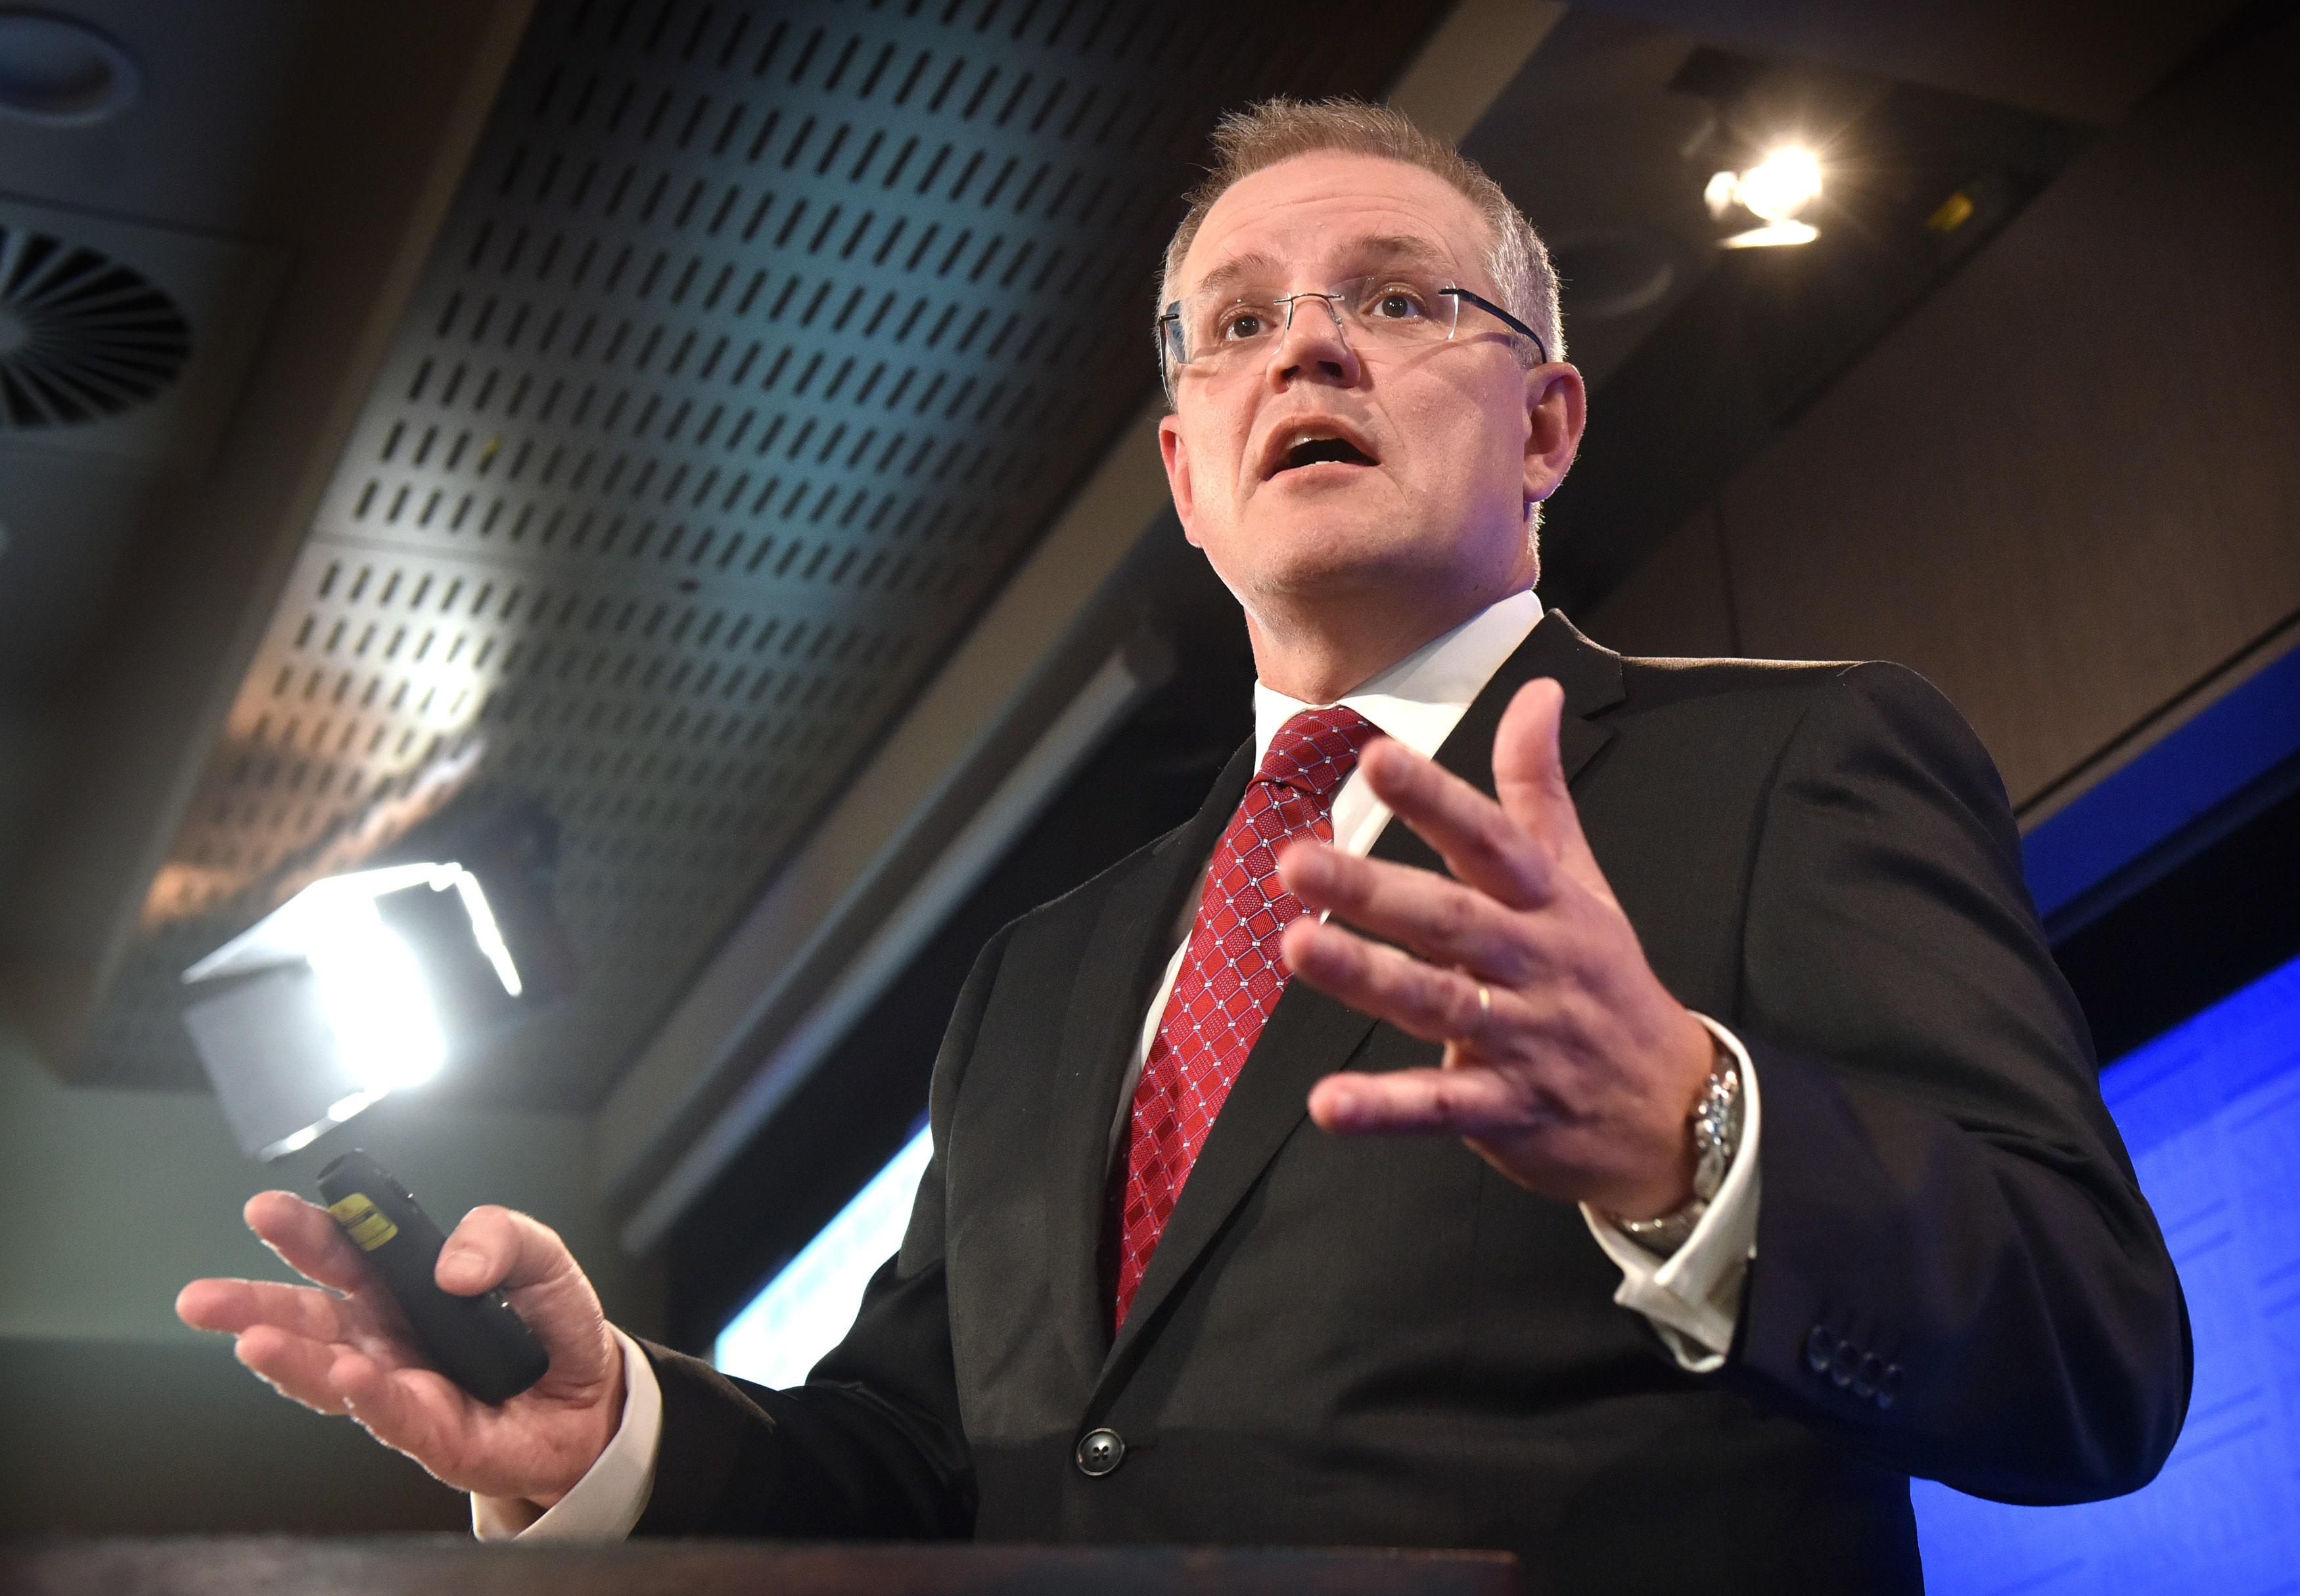 Australian Government Talks FinTech Reform